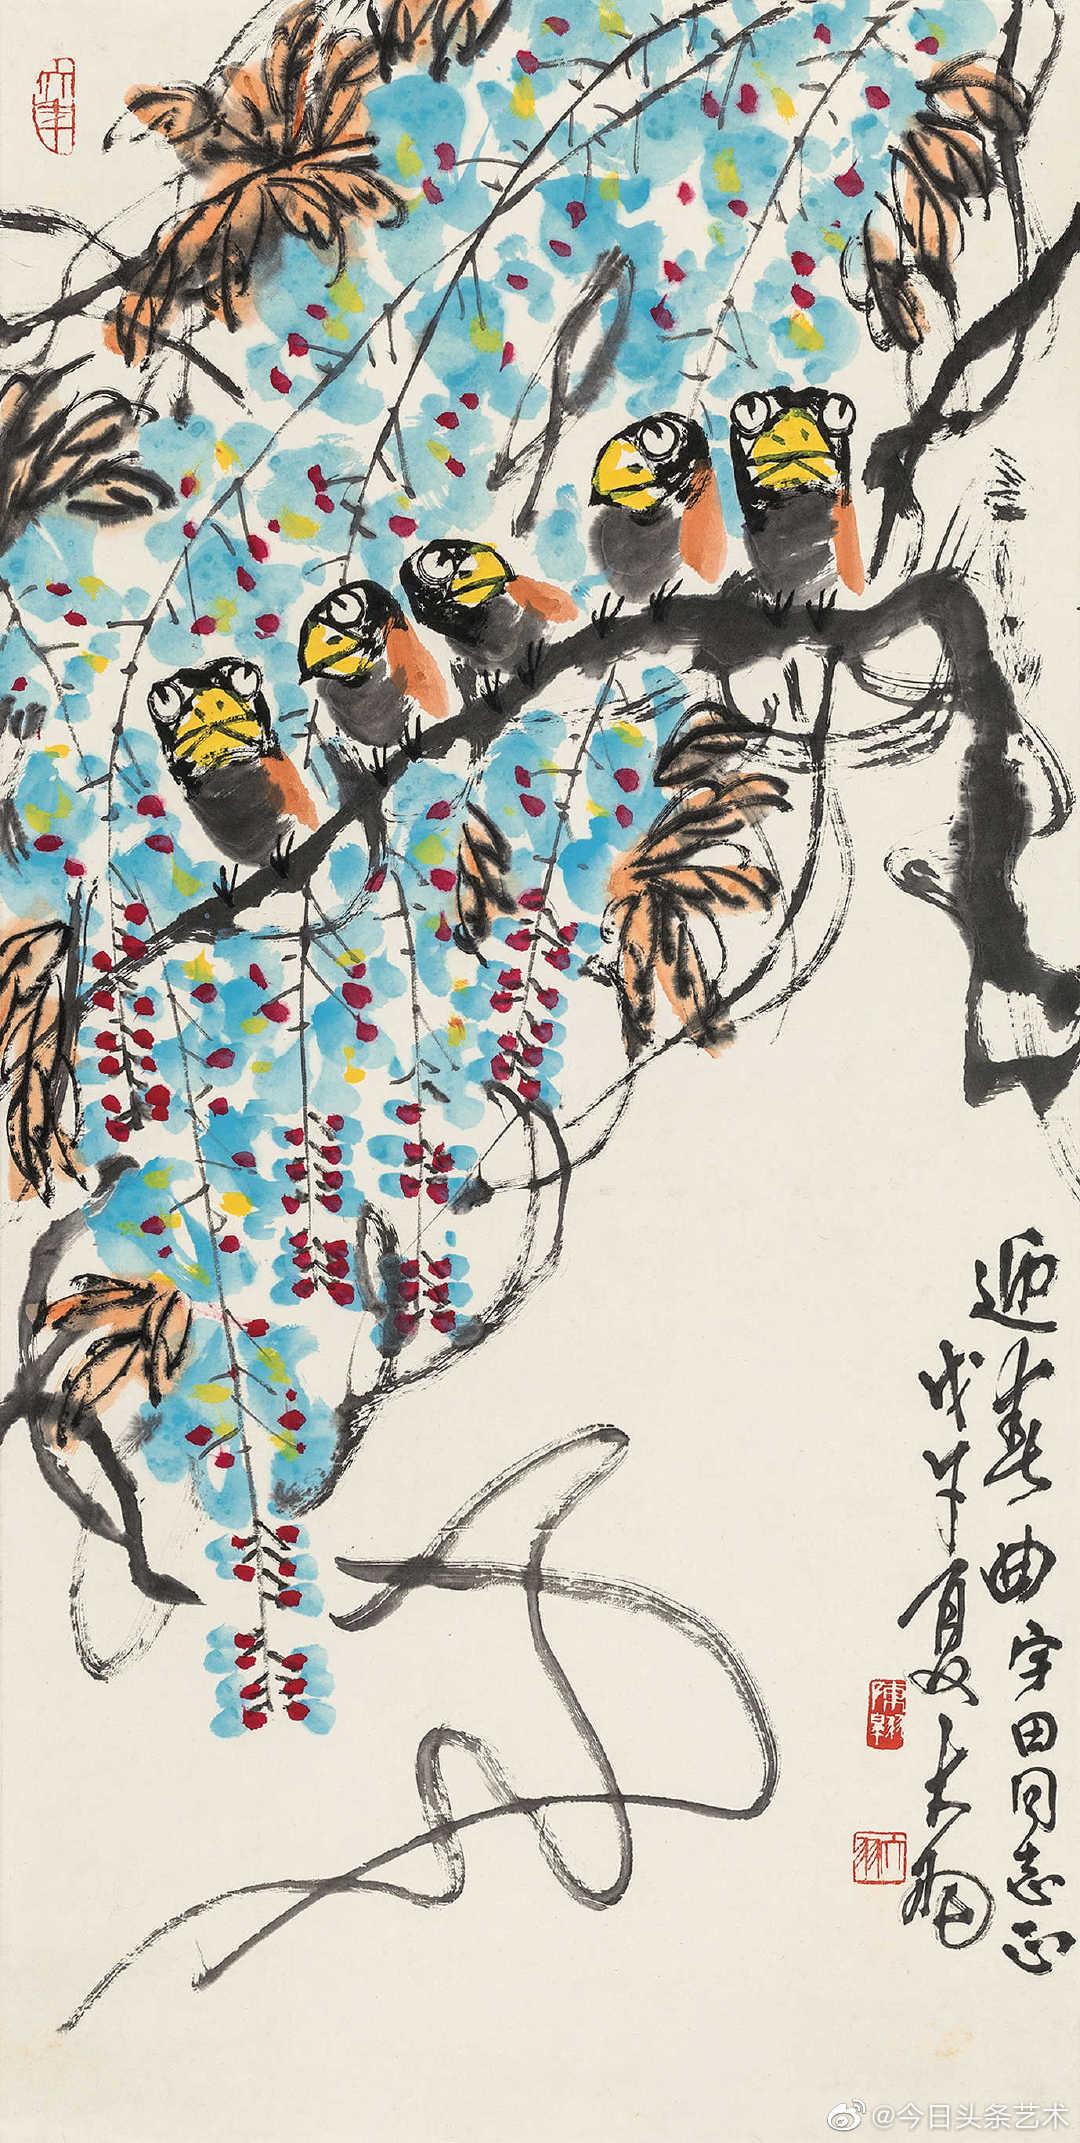 陈大羽擅长大写意花鸟,一改传统写意文人画温文儒雅的气质